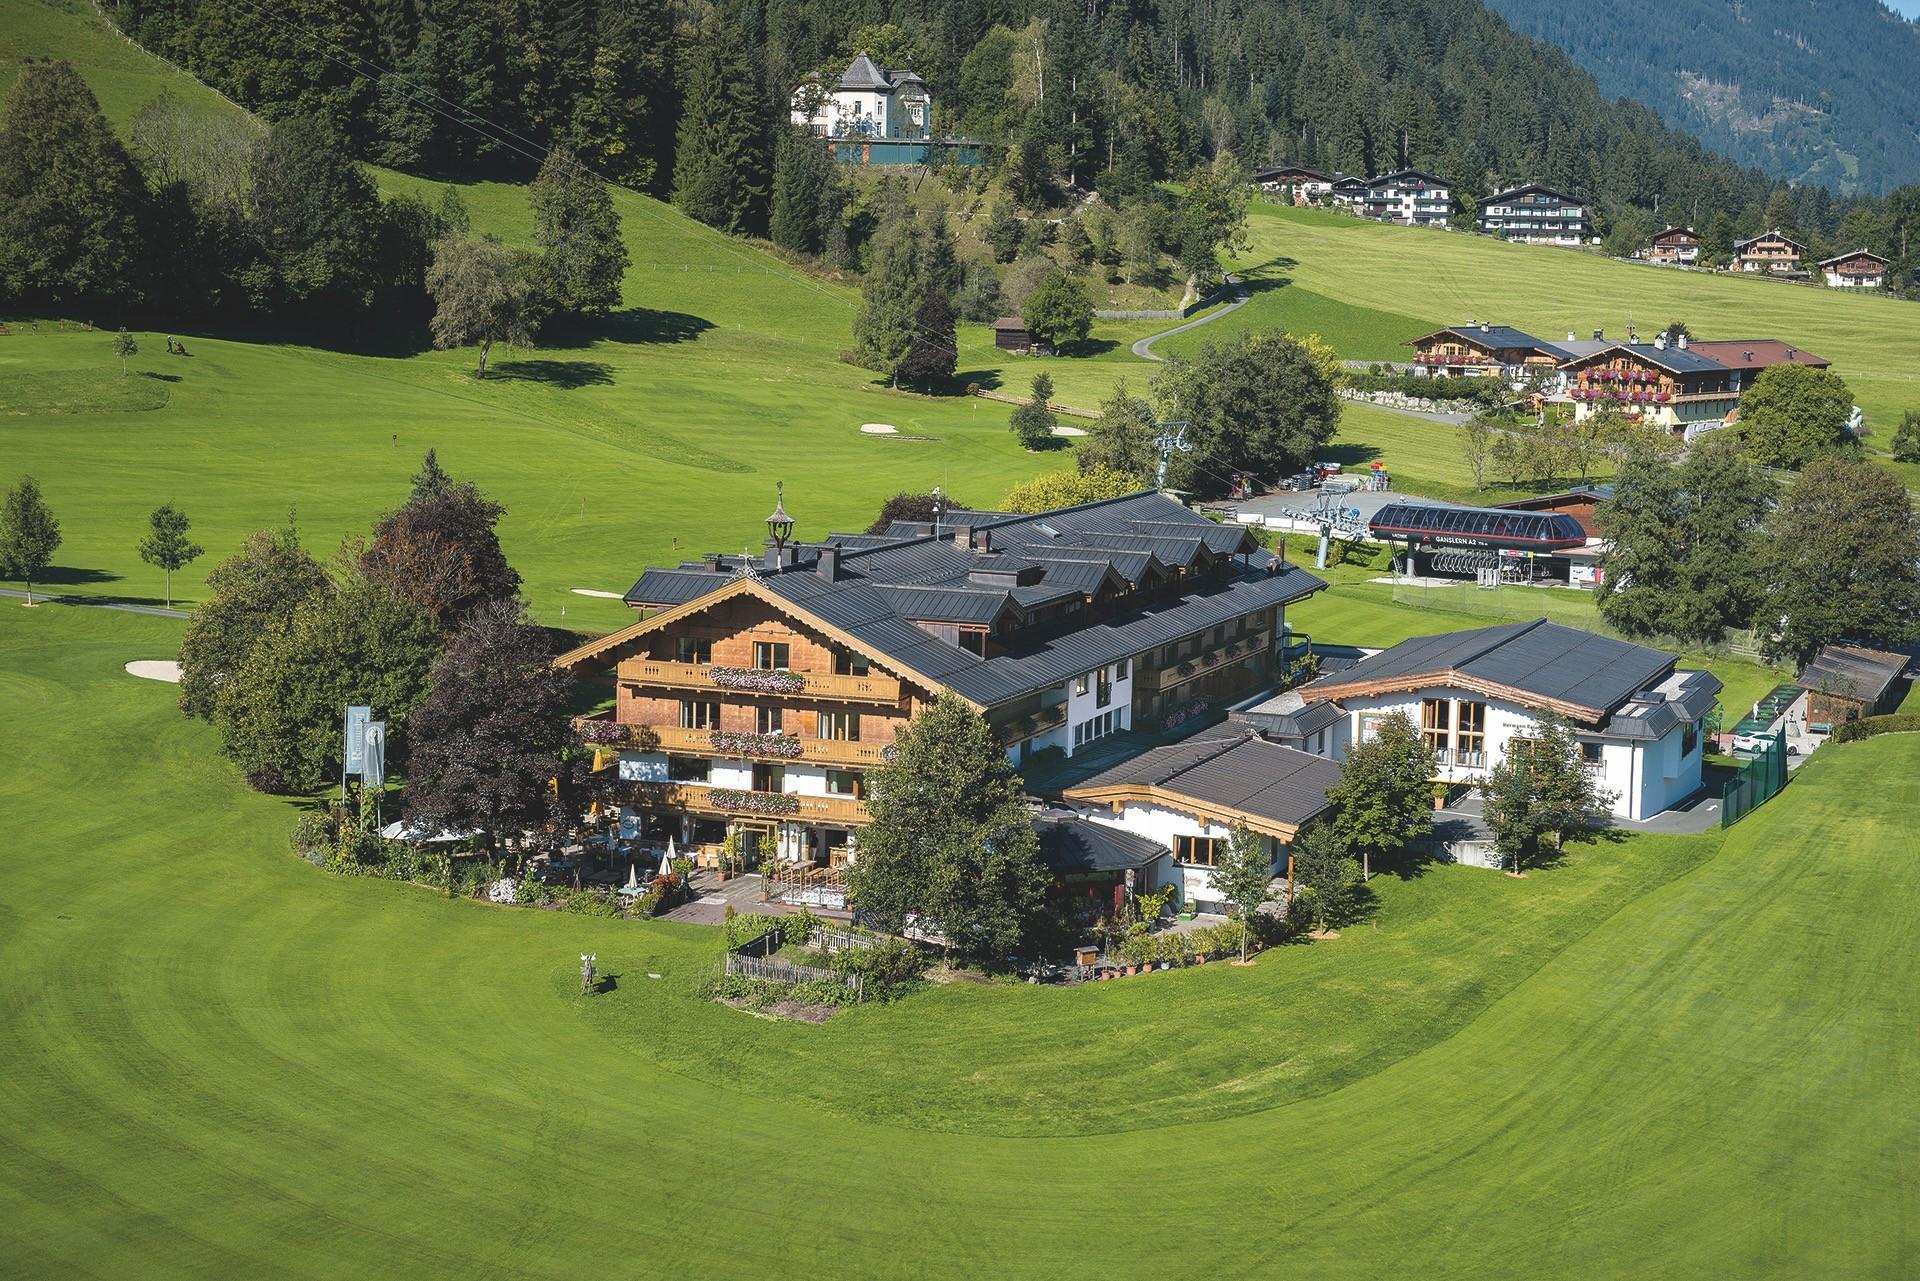 Rasmushof in Kitzbühel